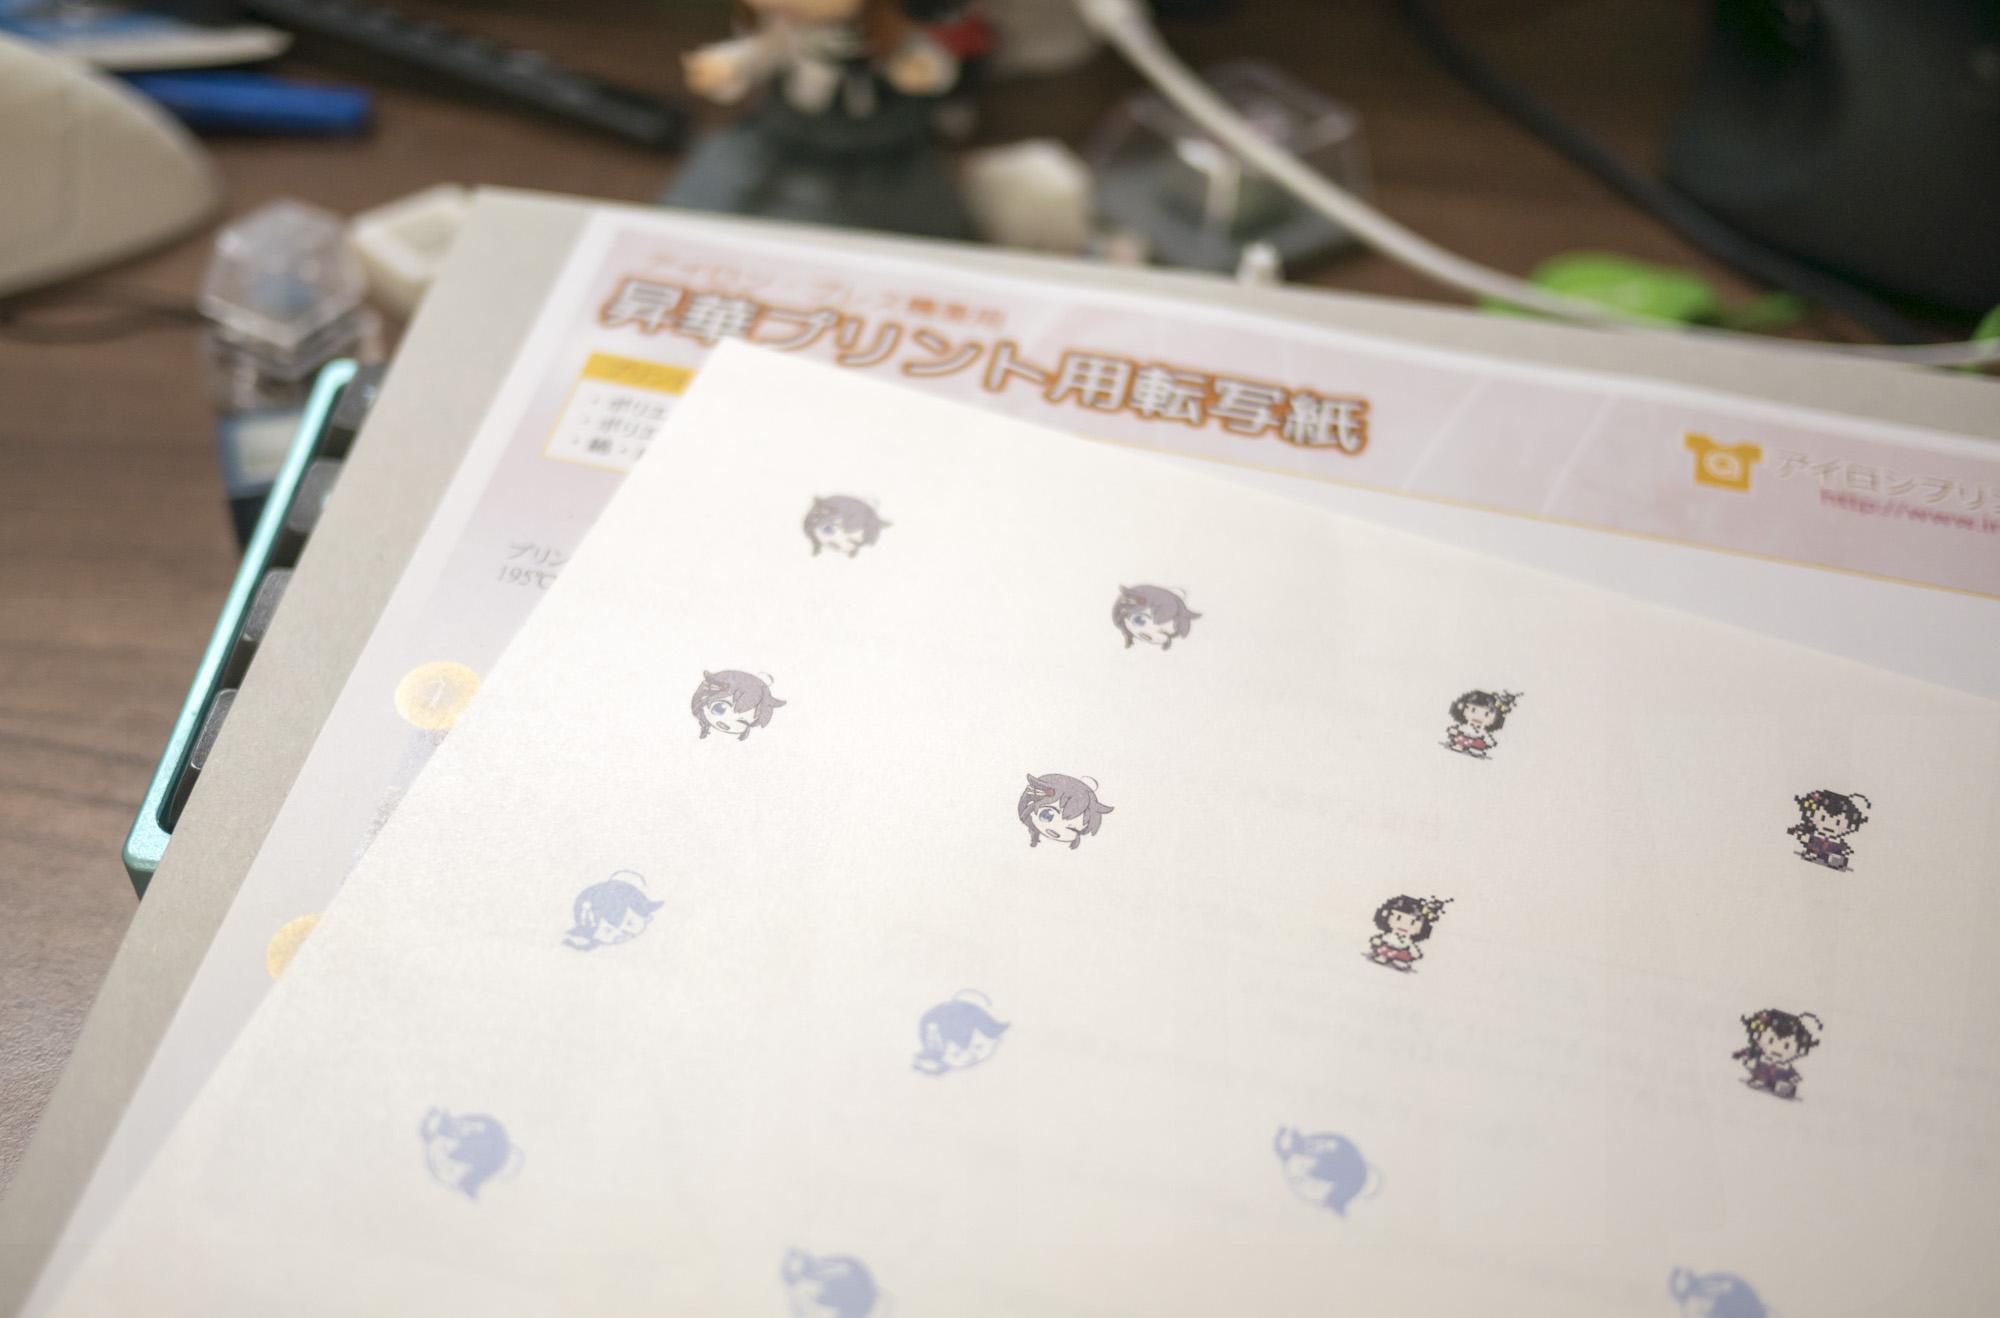 昇華インクで印刷した画像